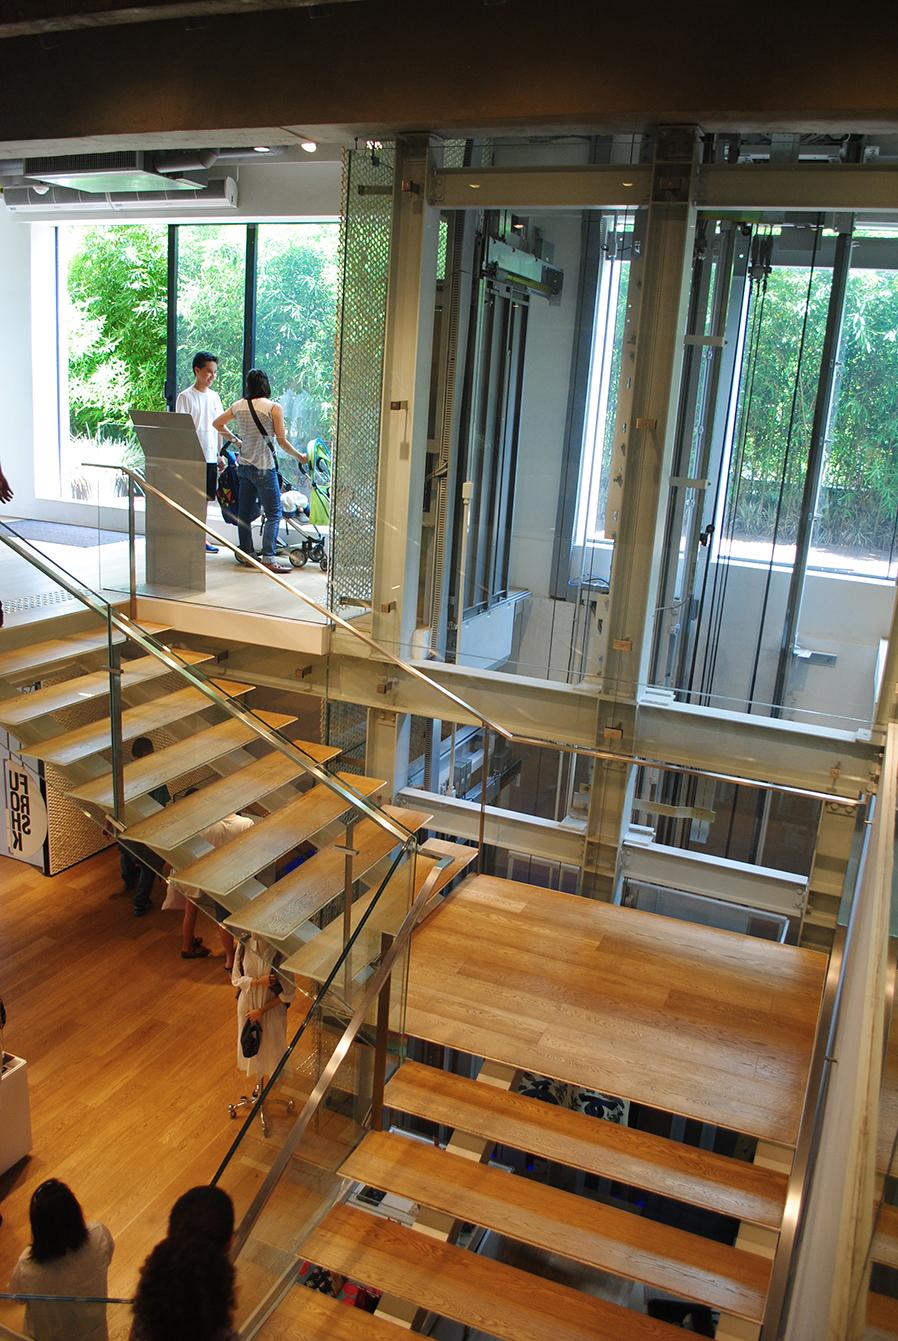 Escada aberta e caixa de elevador encerrada por vidro permitem a propagação da luz natural.